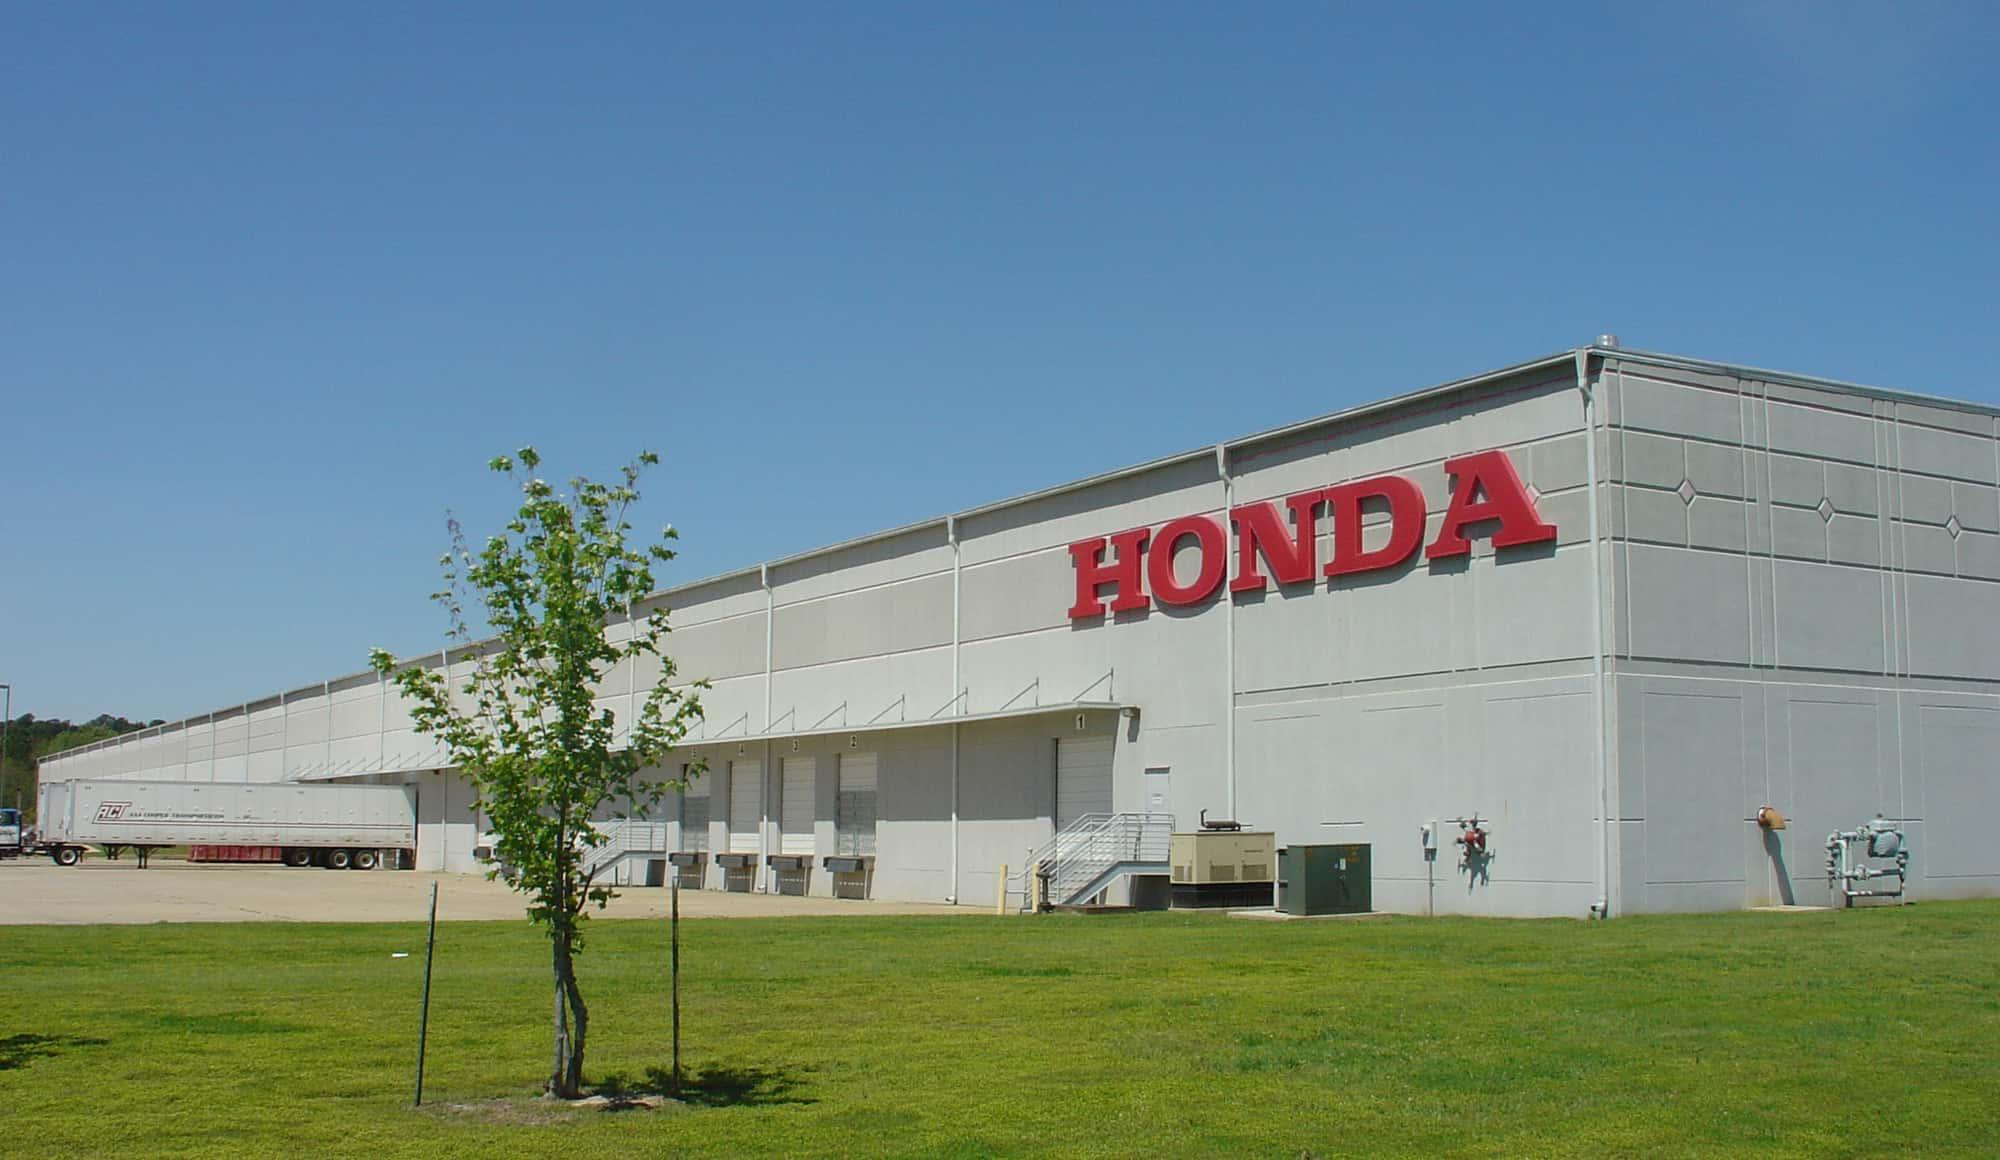 Honda Distribution Center